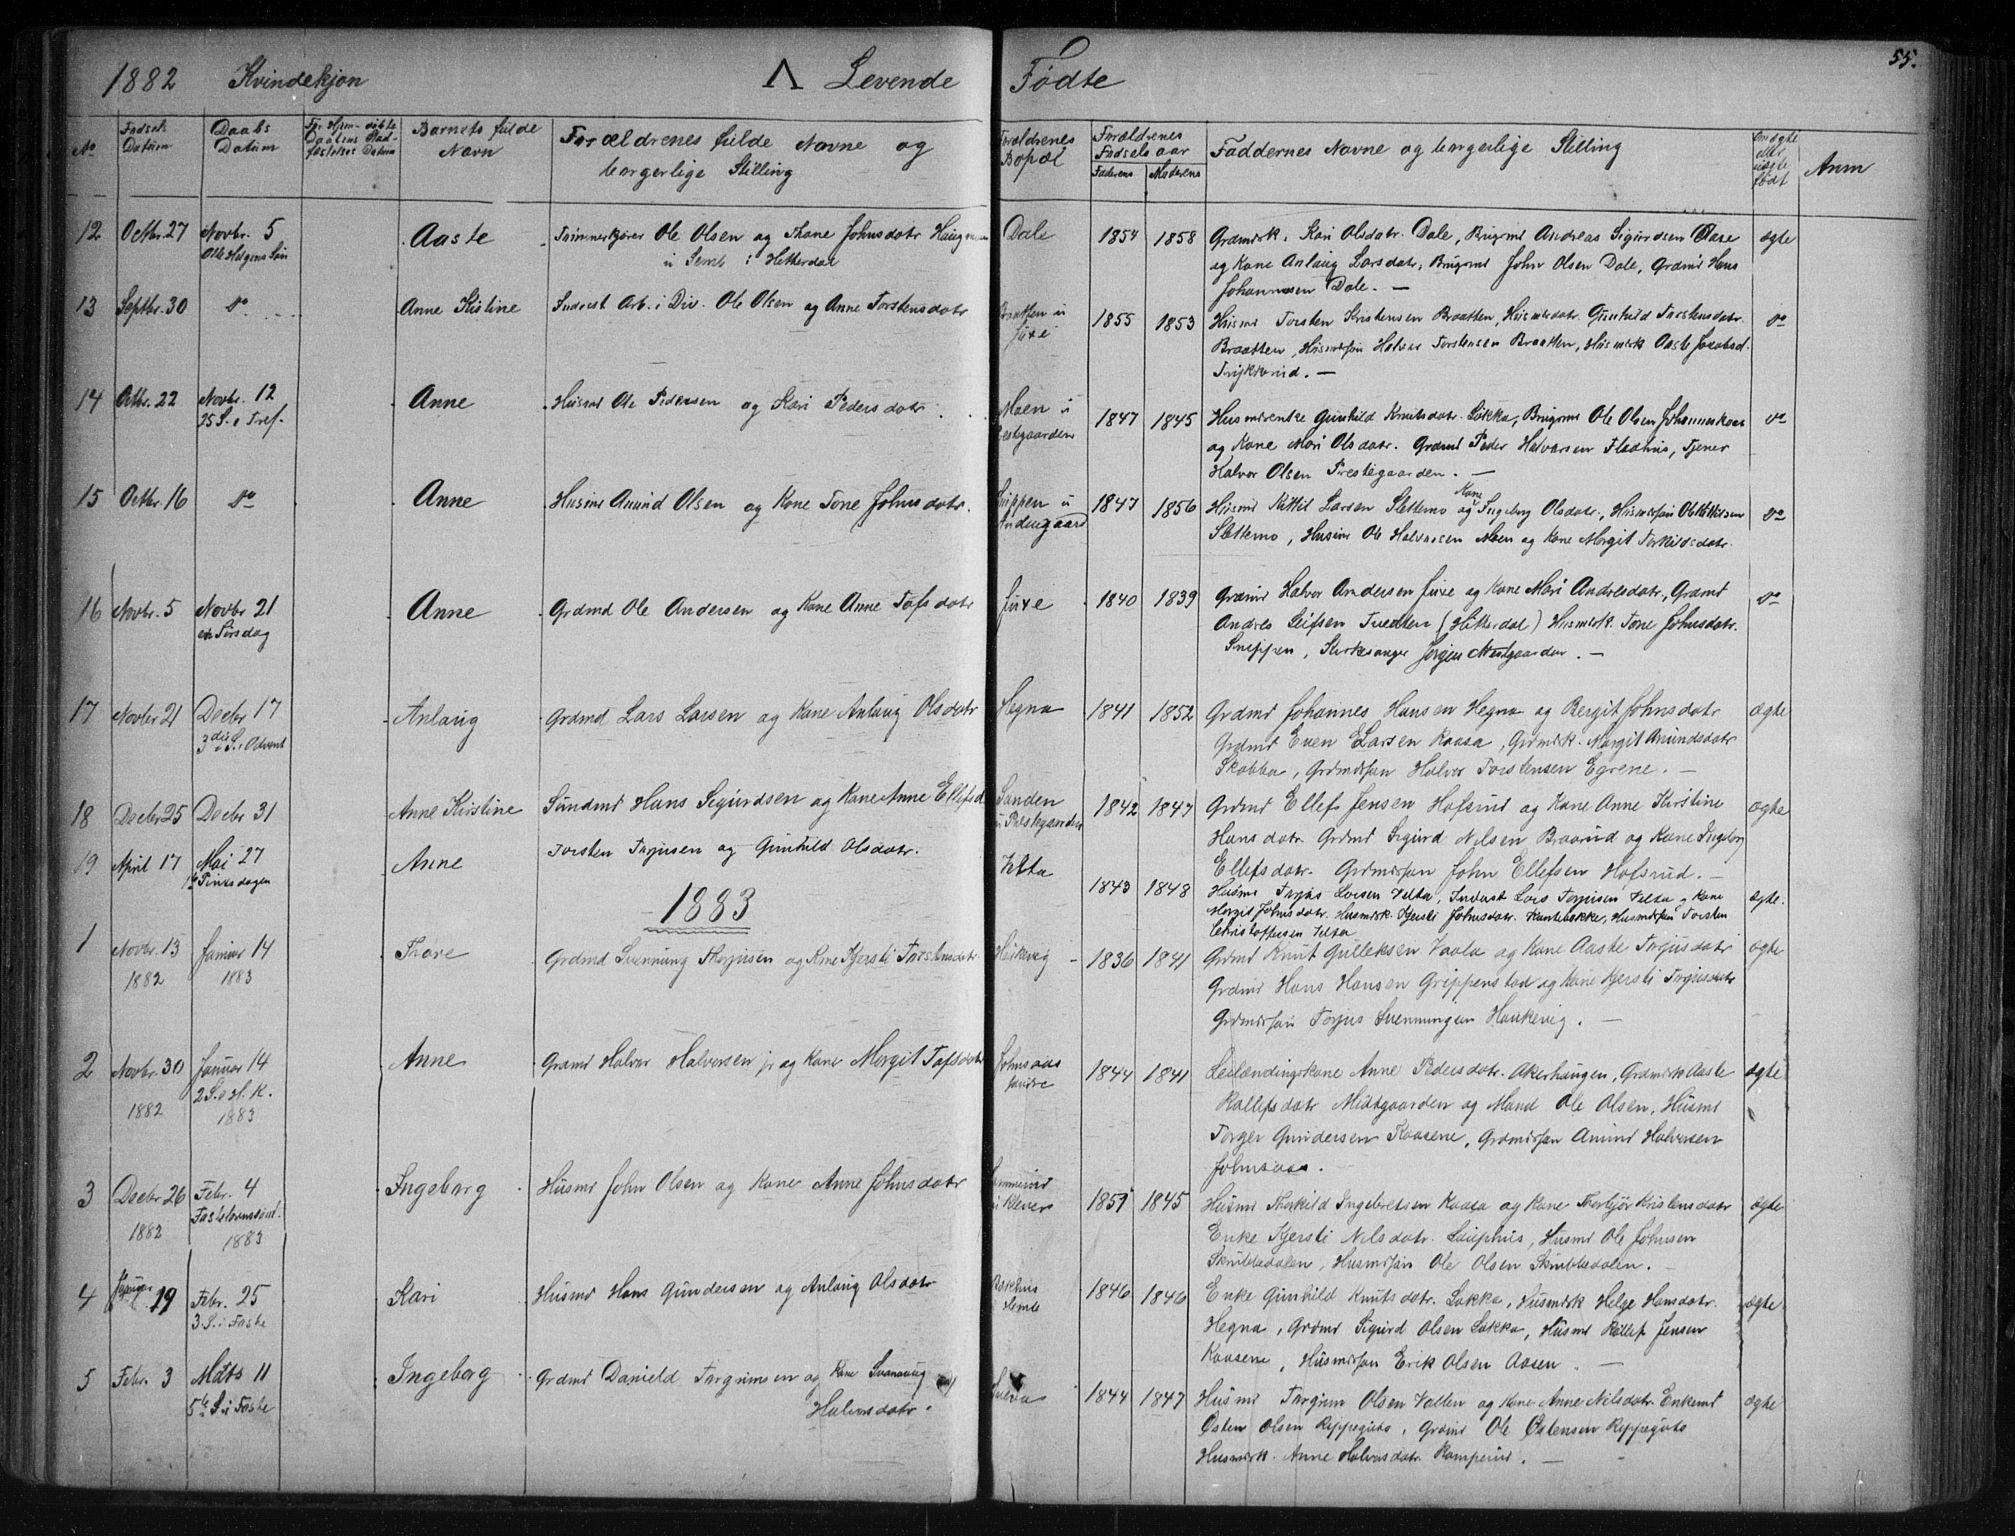 SAKO, Sauherad kirkebøker, G/Ga/L0003: Klokkerbok nr. I 3, 1866-1905, s. 55